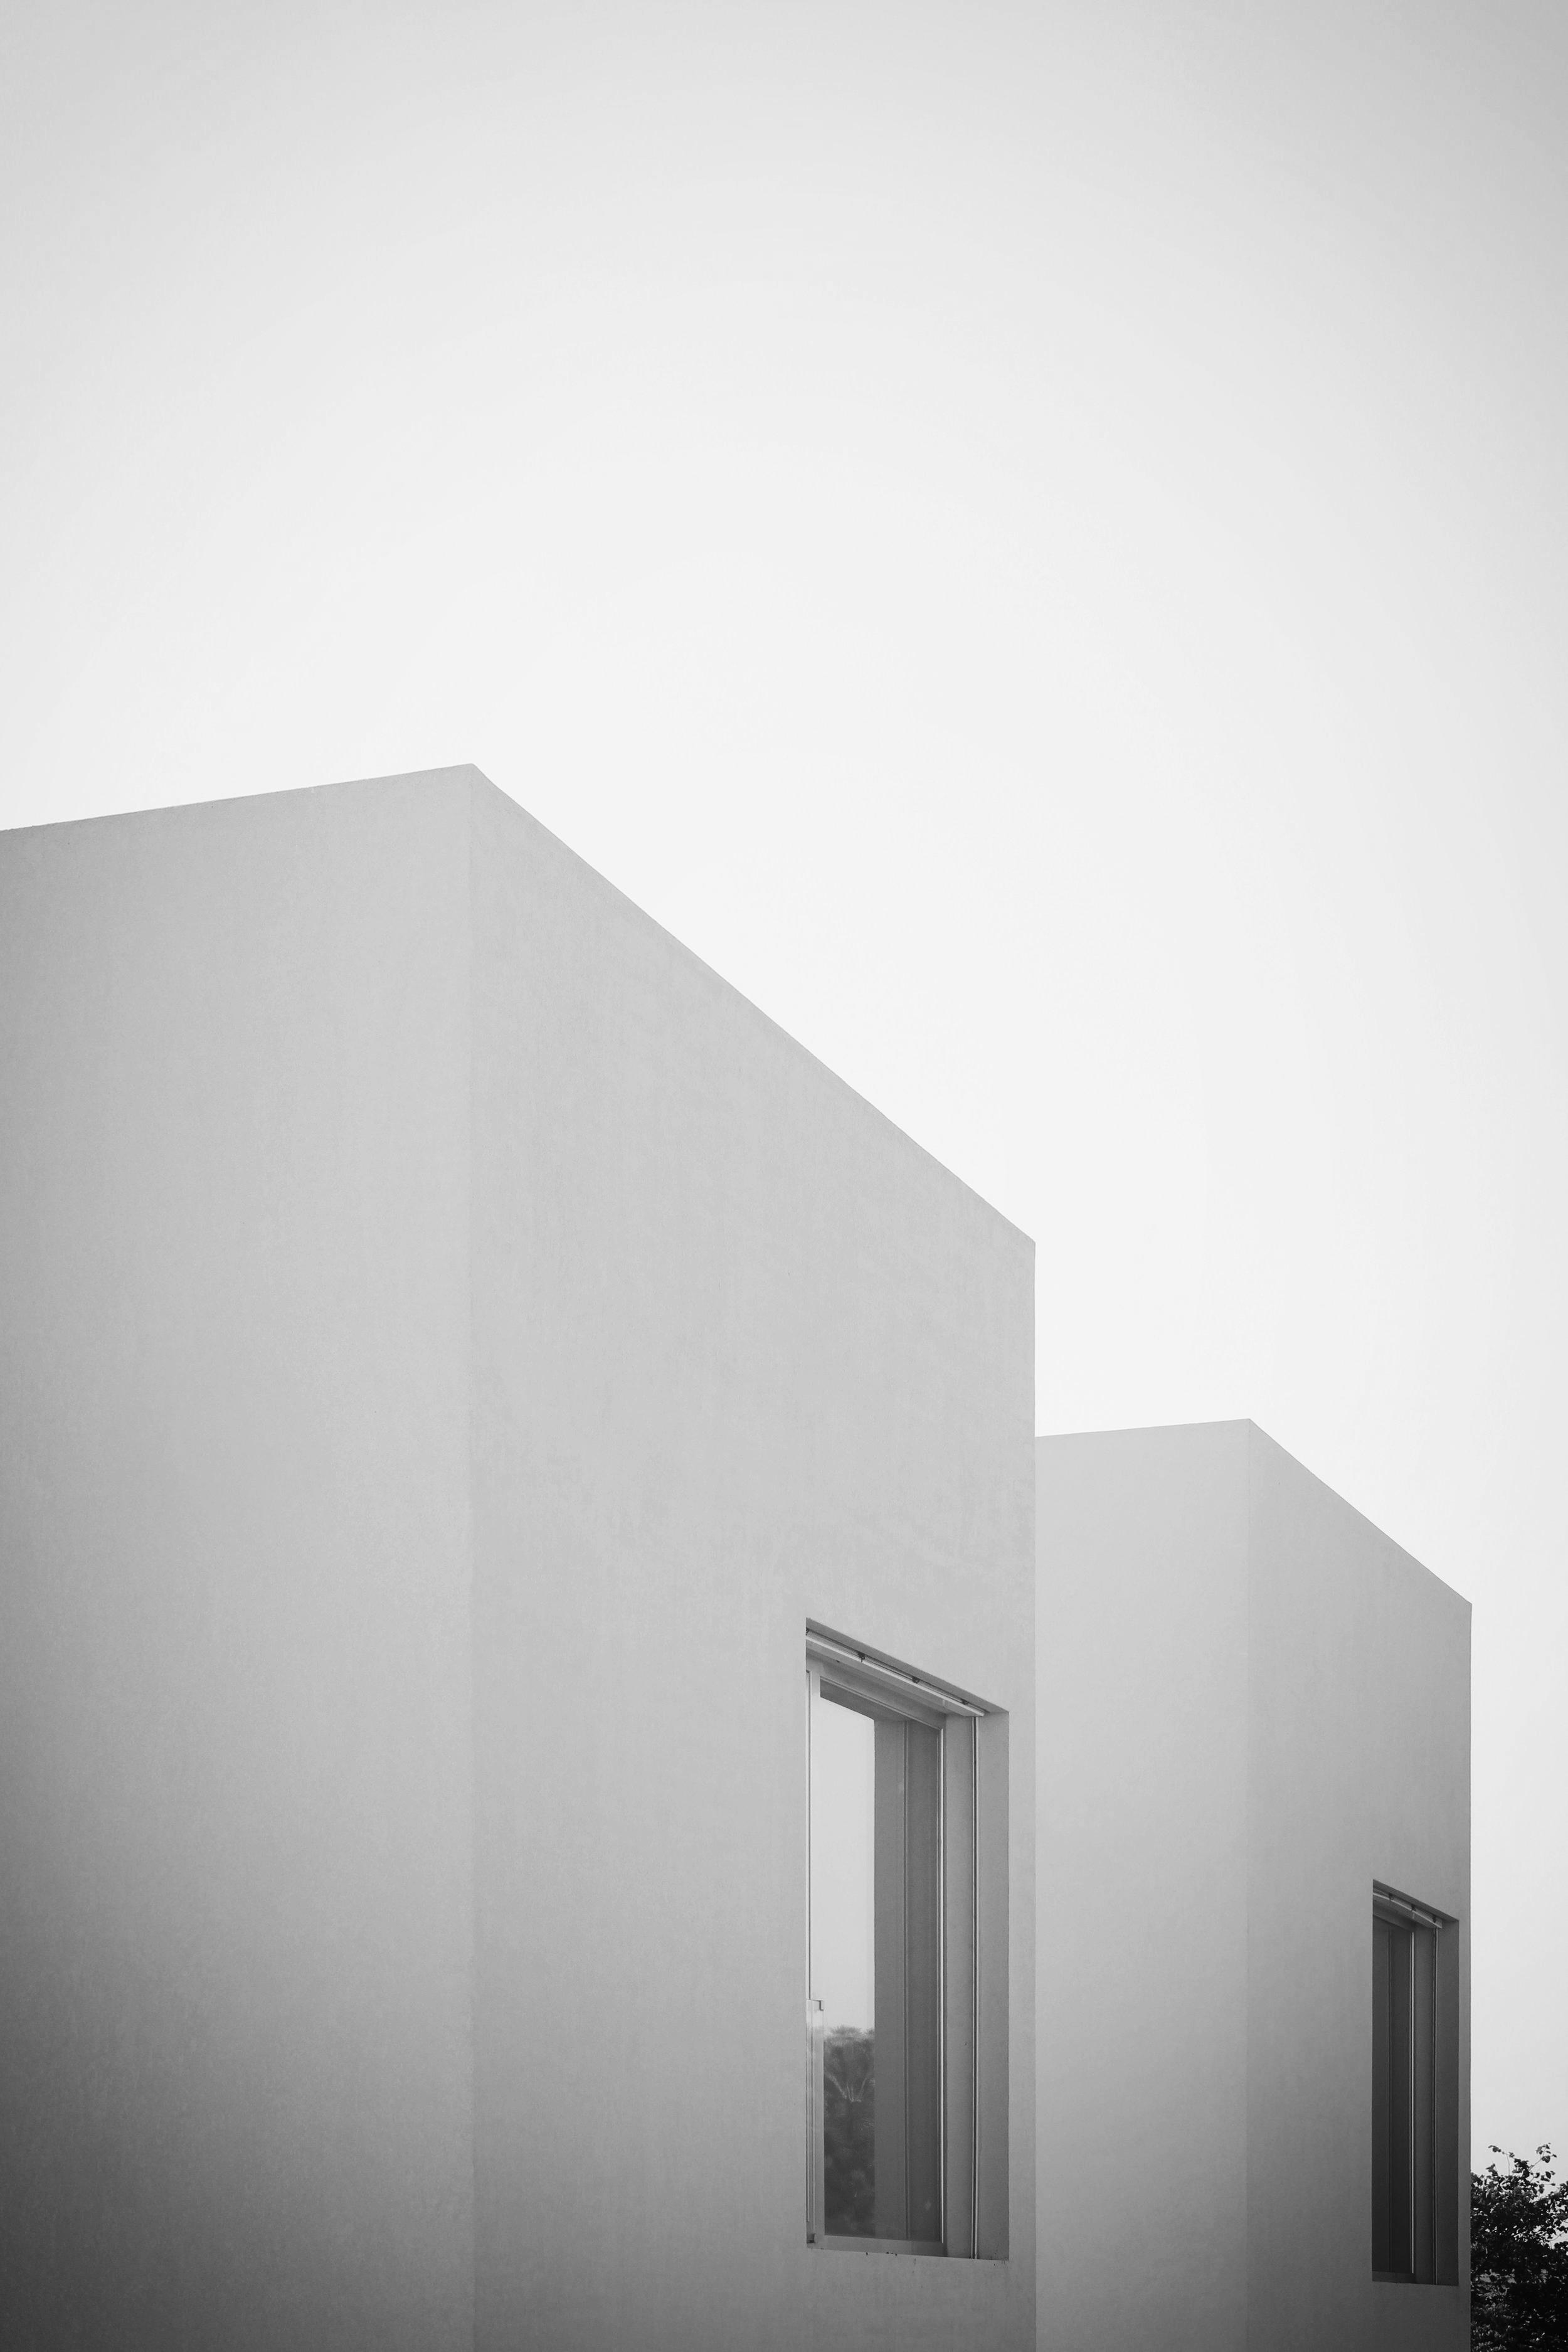 duas casas qsj 13a